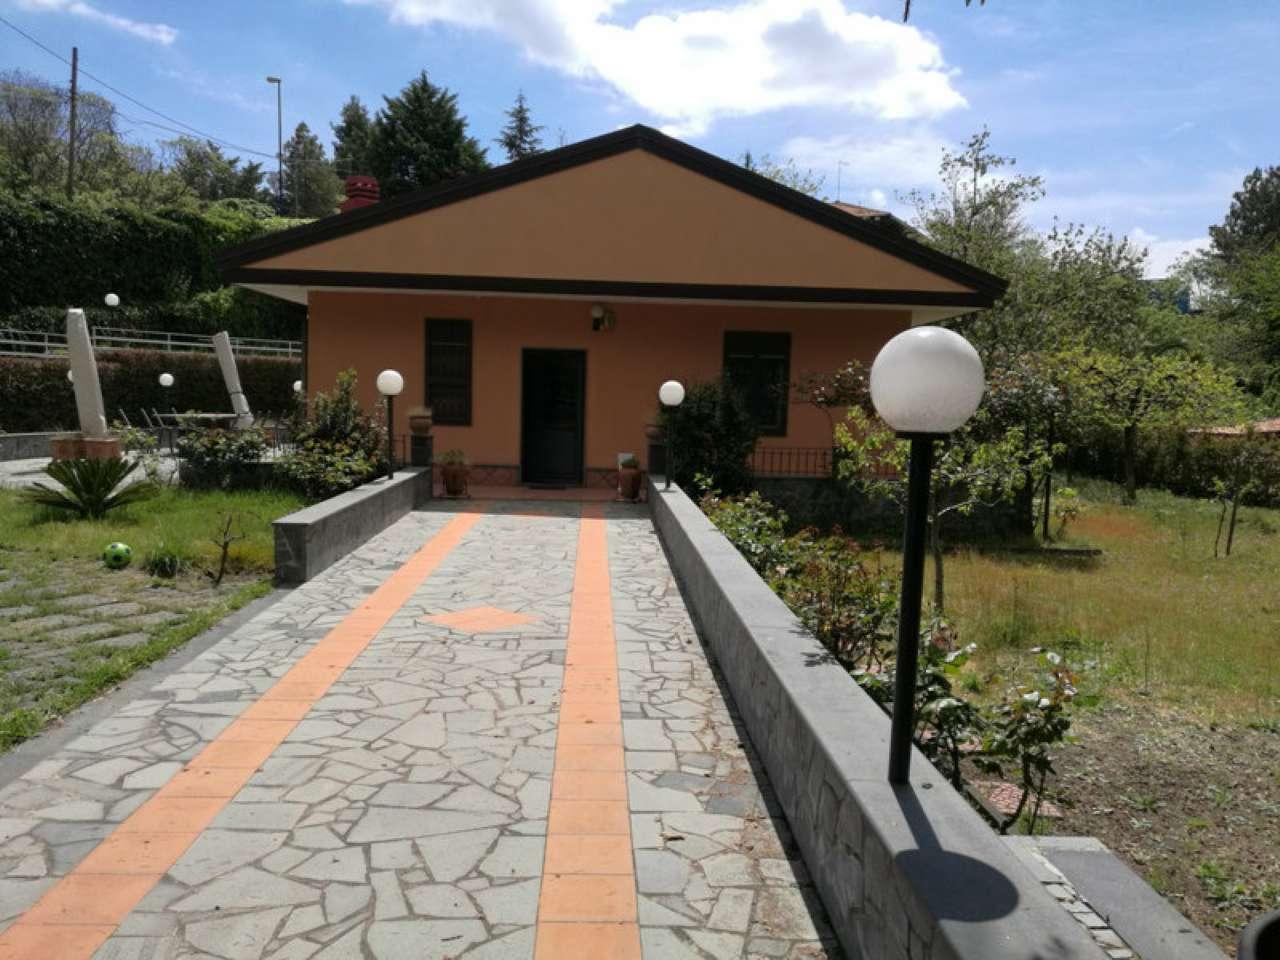 Villa in vendita a Pedara, 9999 locali, prezzo € 260.000 | CambioCasa.it